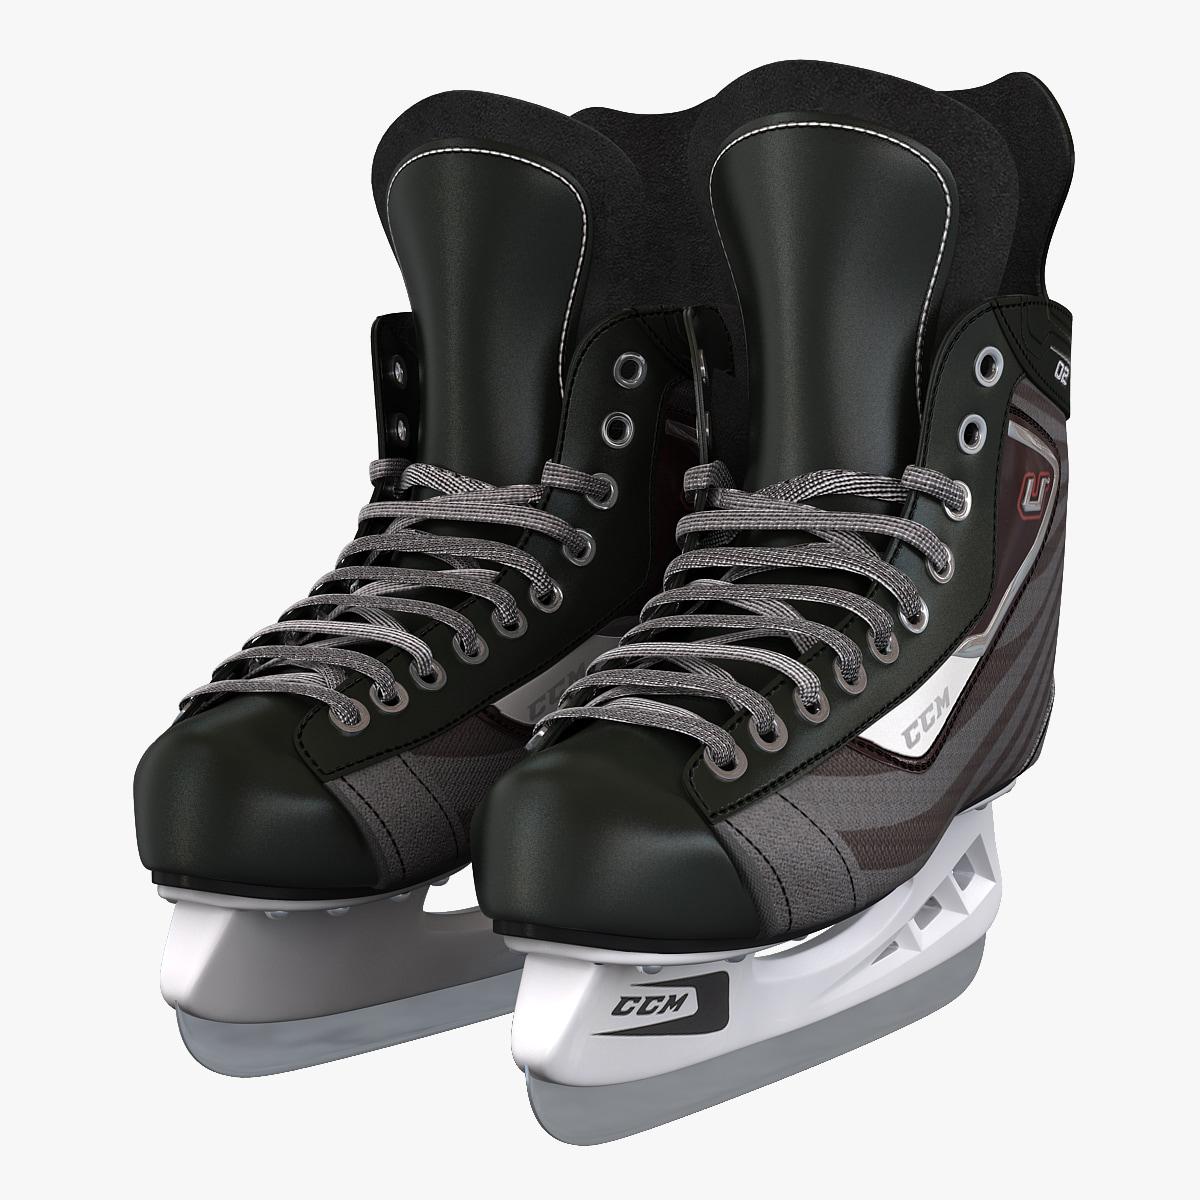 Ice_Hockey_Skates_CCM_000.jpg